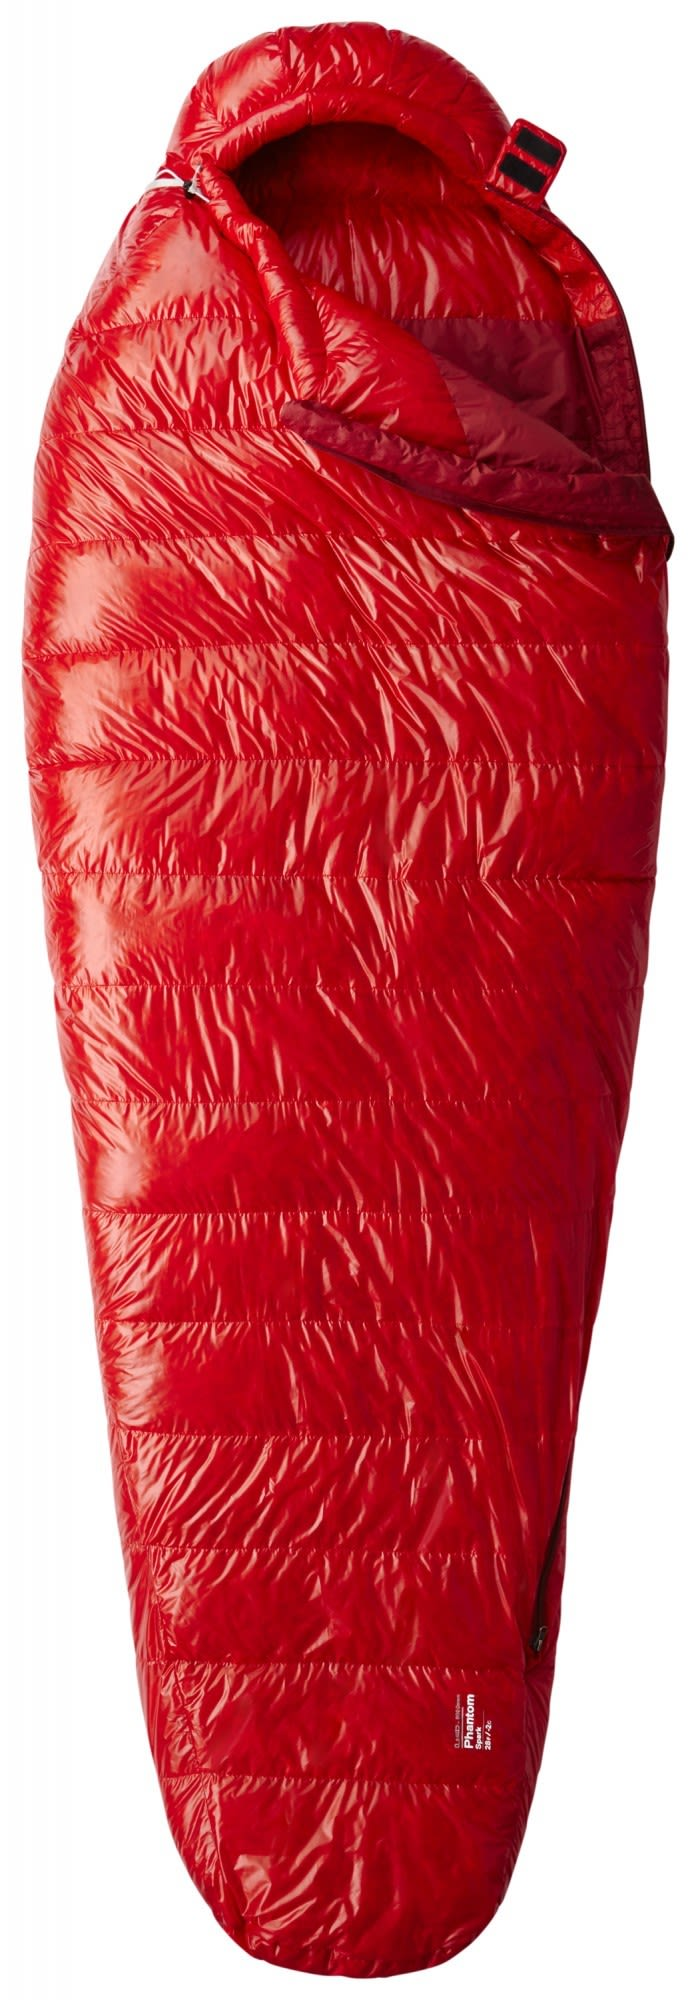 Mountain Hardwear Phantom Spark Long Rot, Daunen Daunenschlafsack, 198 cm -RV li